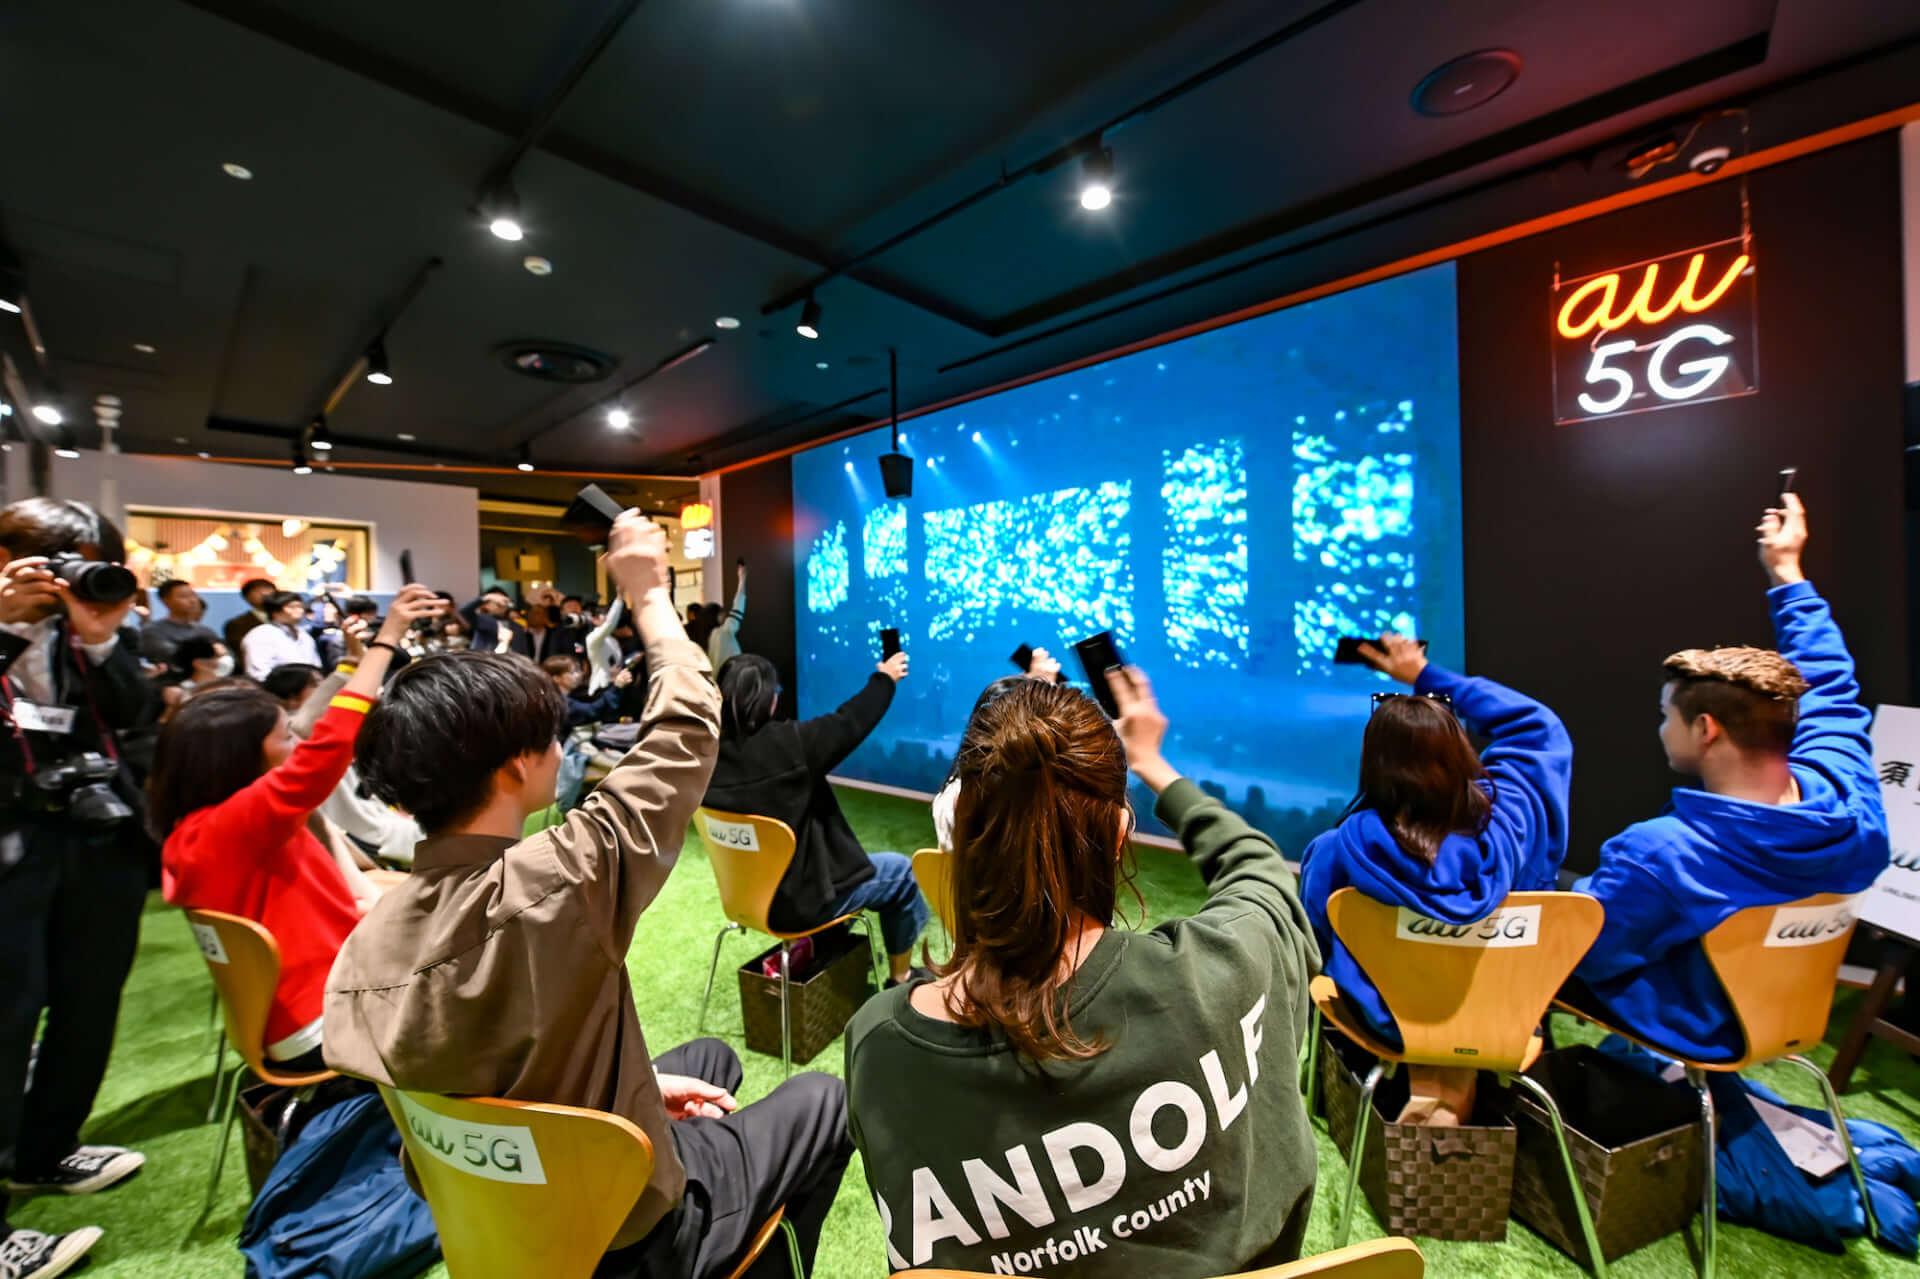 渋谷が5G×エンタメで盛り上がる!「渋谷5Gエンターテイメントプロジェクト」始動|キックオフパーティーにダレン・エマーソン、Licaxxxら登場 music200128_5g_4930-1920x1279